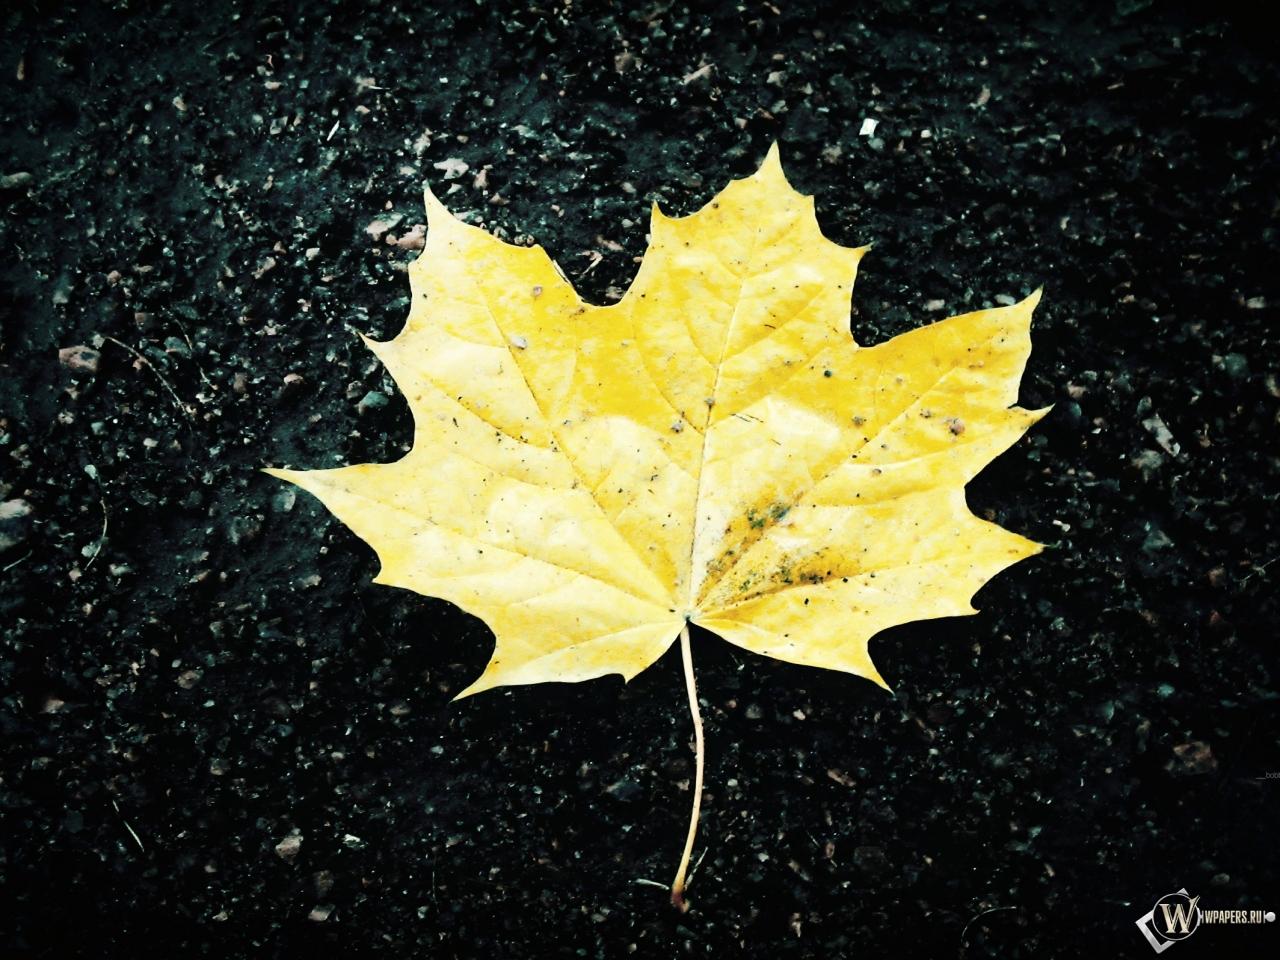 Жёлтый кленовый лист 1280x960